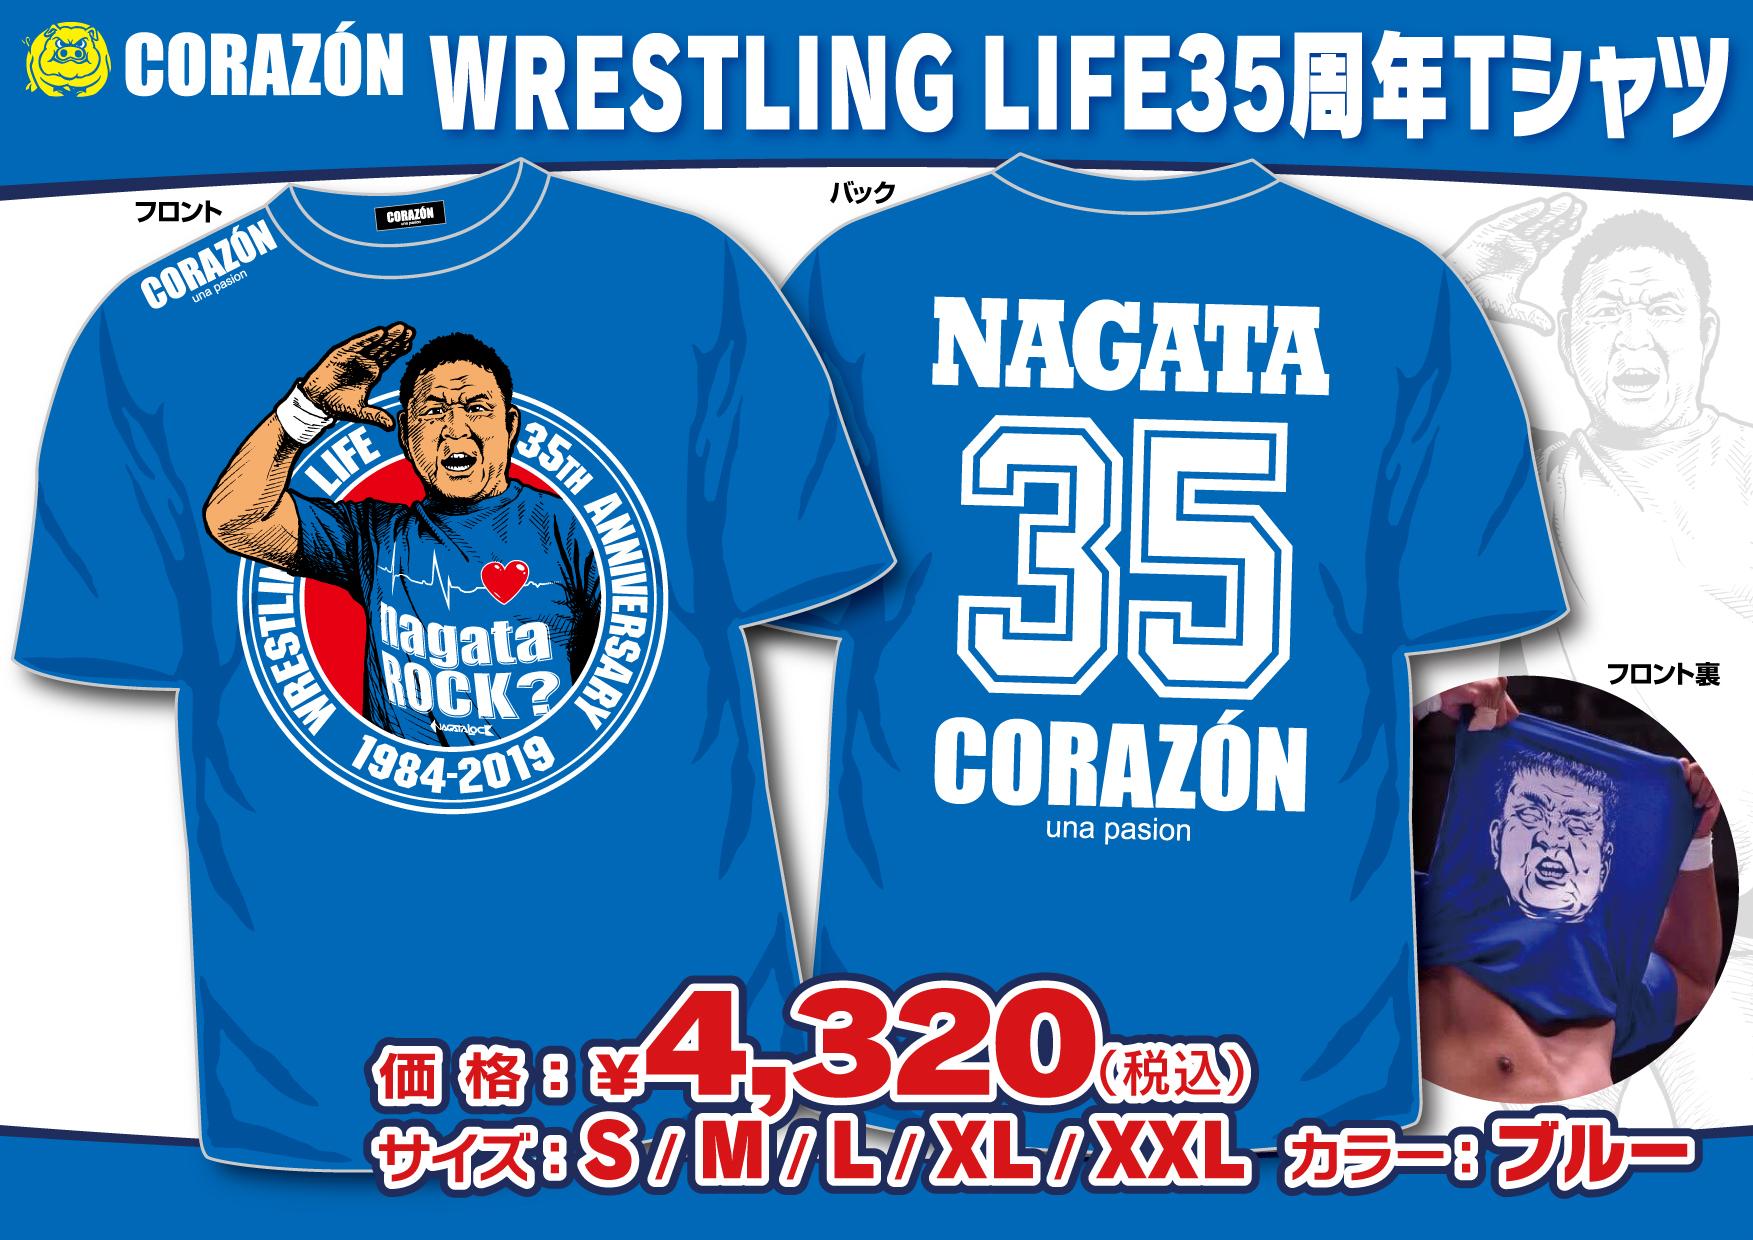 【永田裕志】WRESTLING LIFE35周年Tシャツ